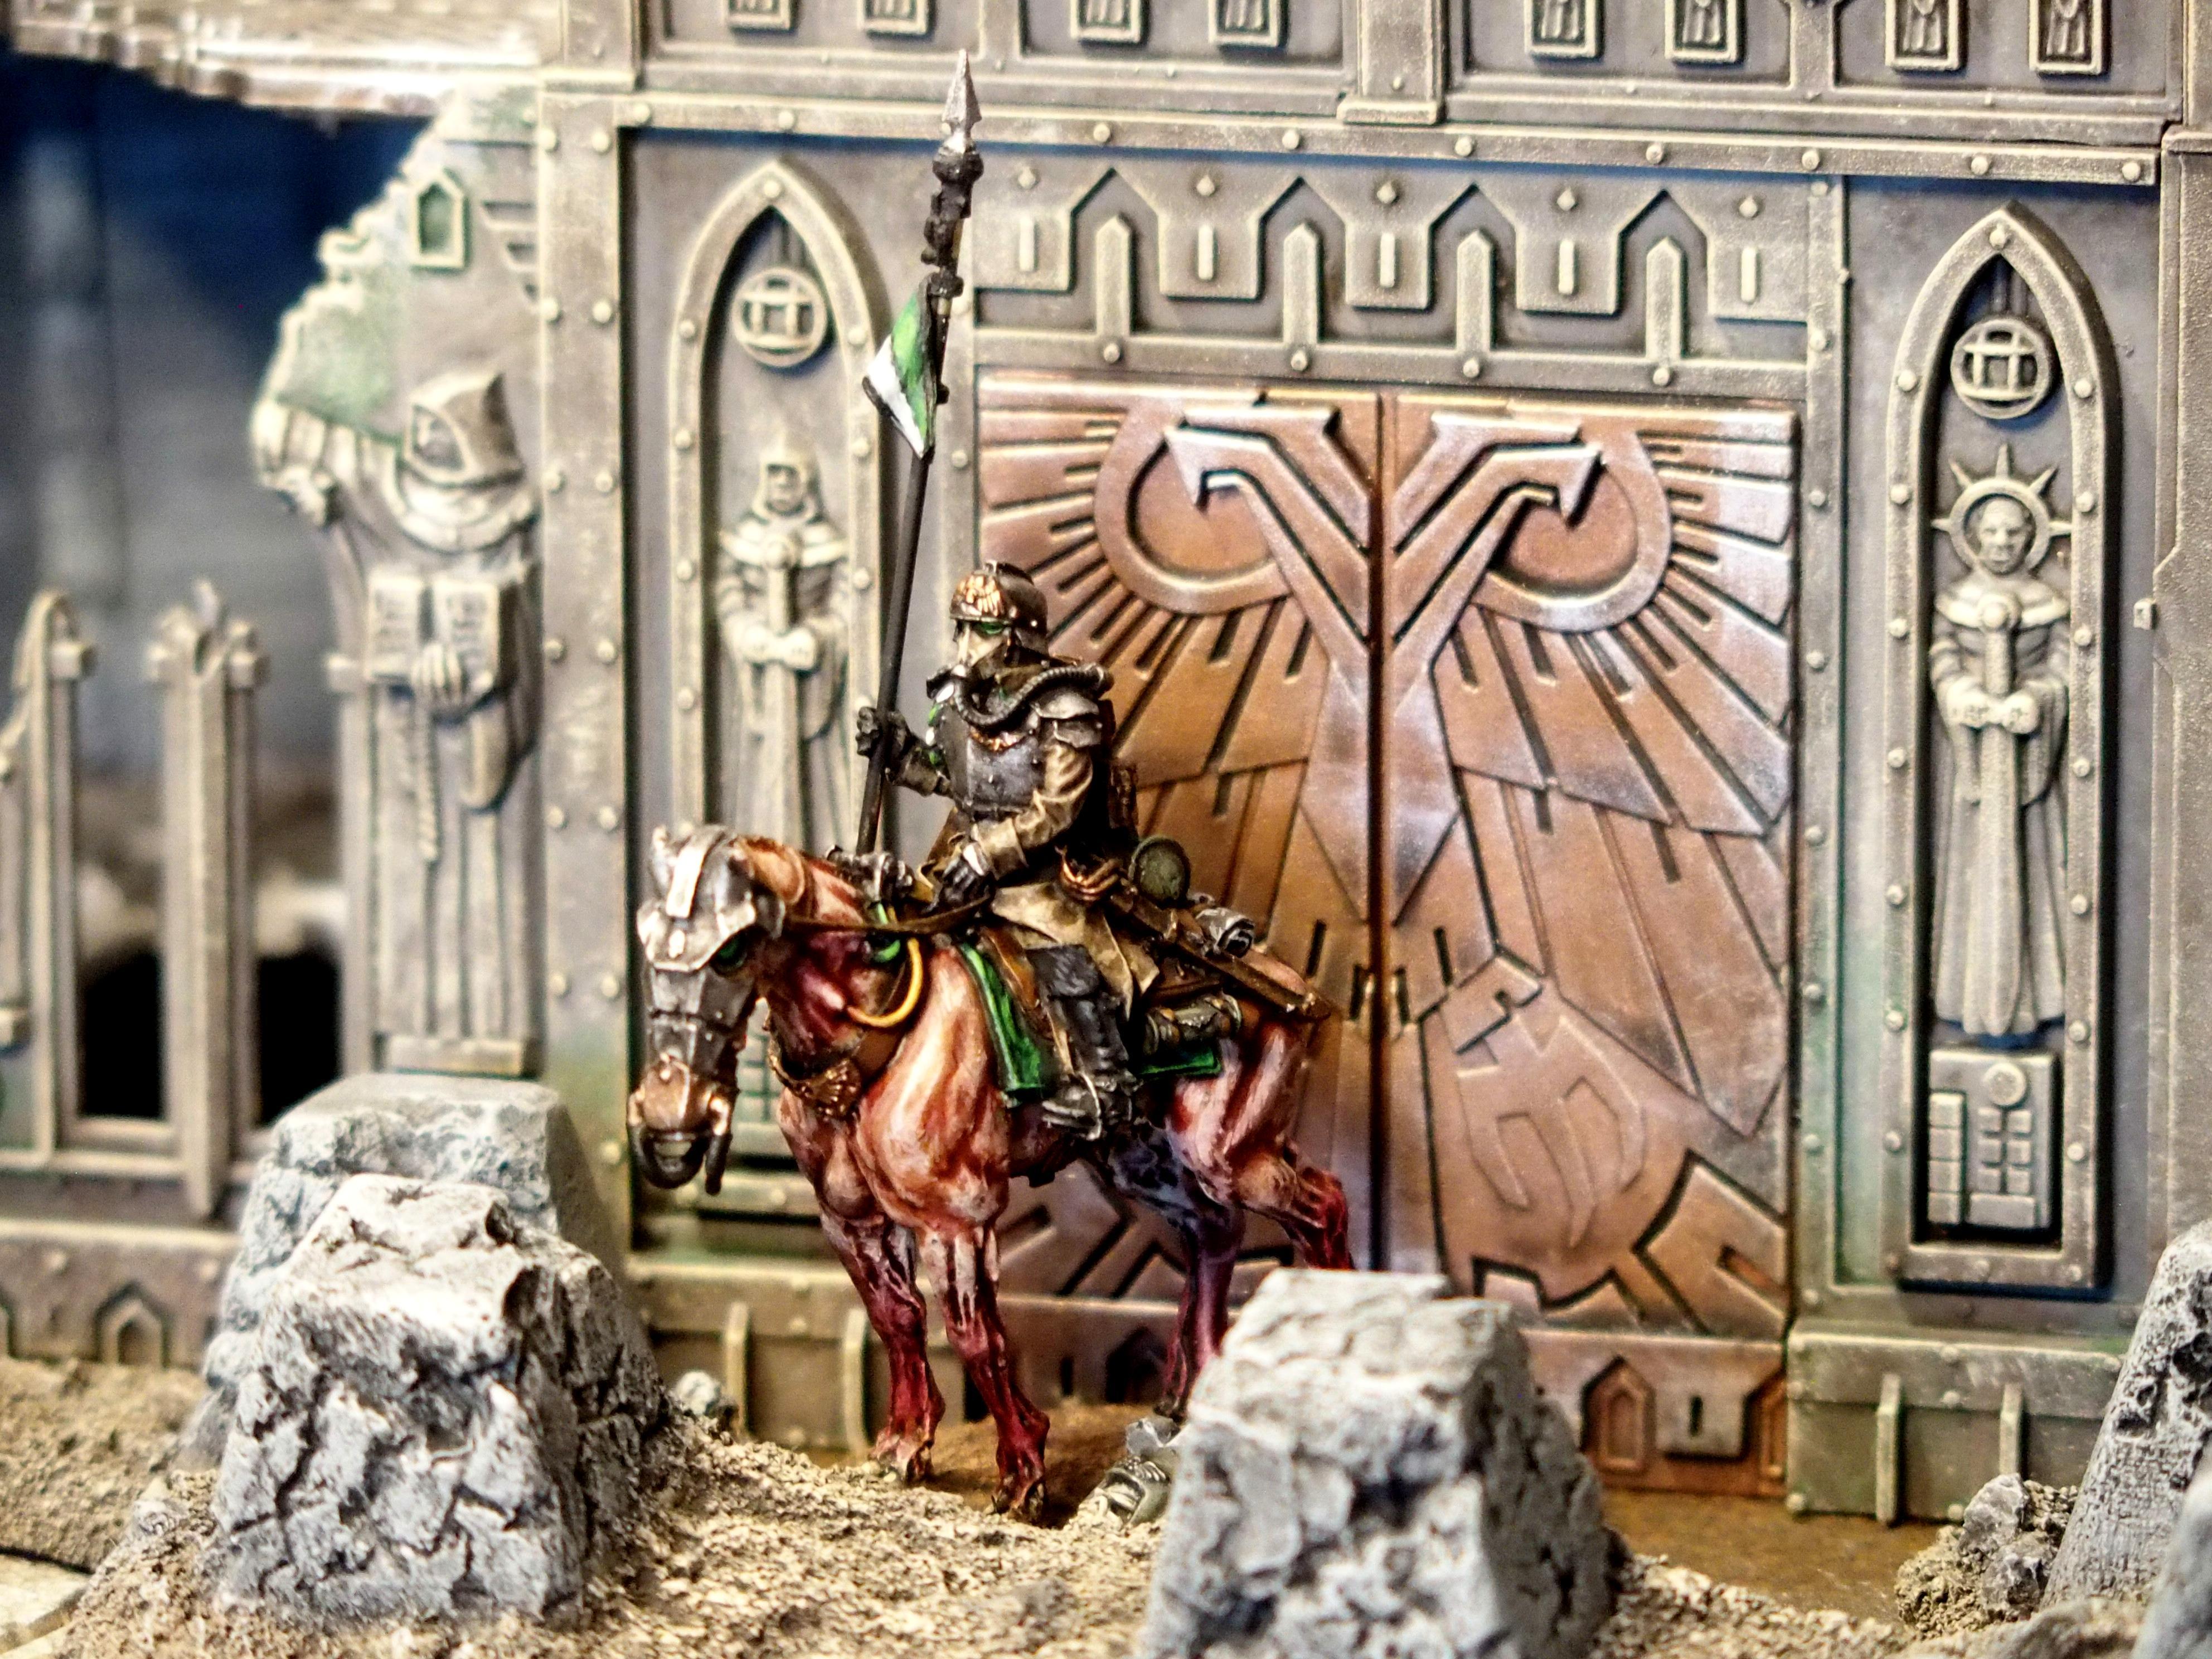 Astra Militarum, Death Korps of Krieg, Death Rider, Grimdark, Guard, Imperial Guard